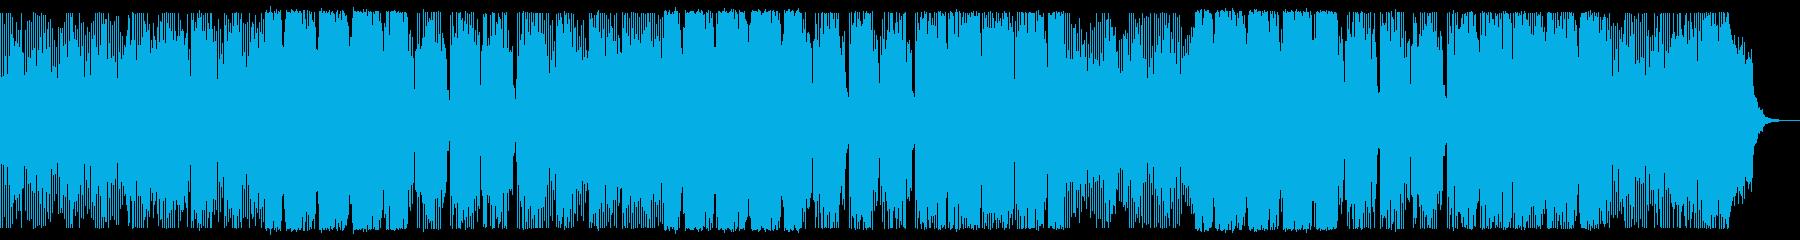 デジタルチックでダークなBGMの再生済みの波形